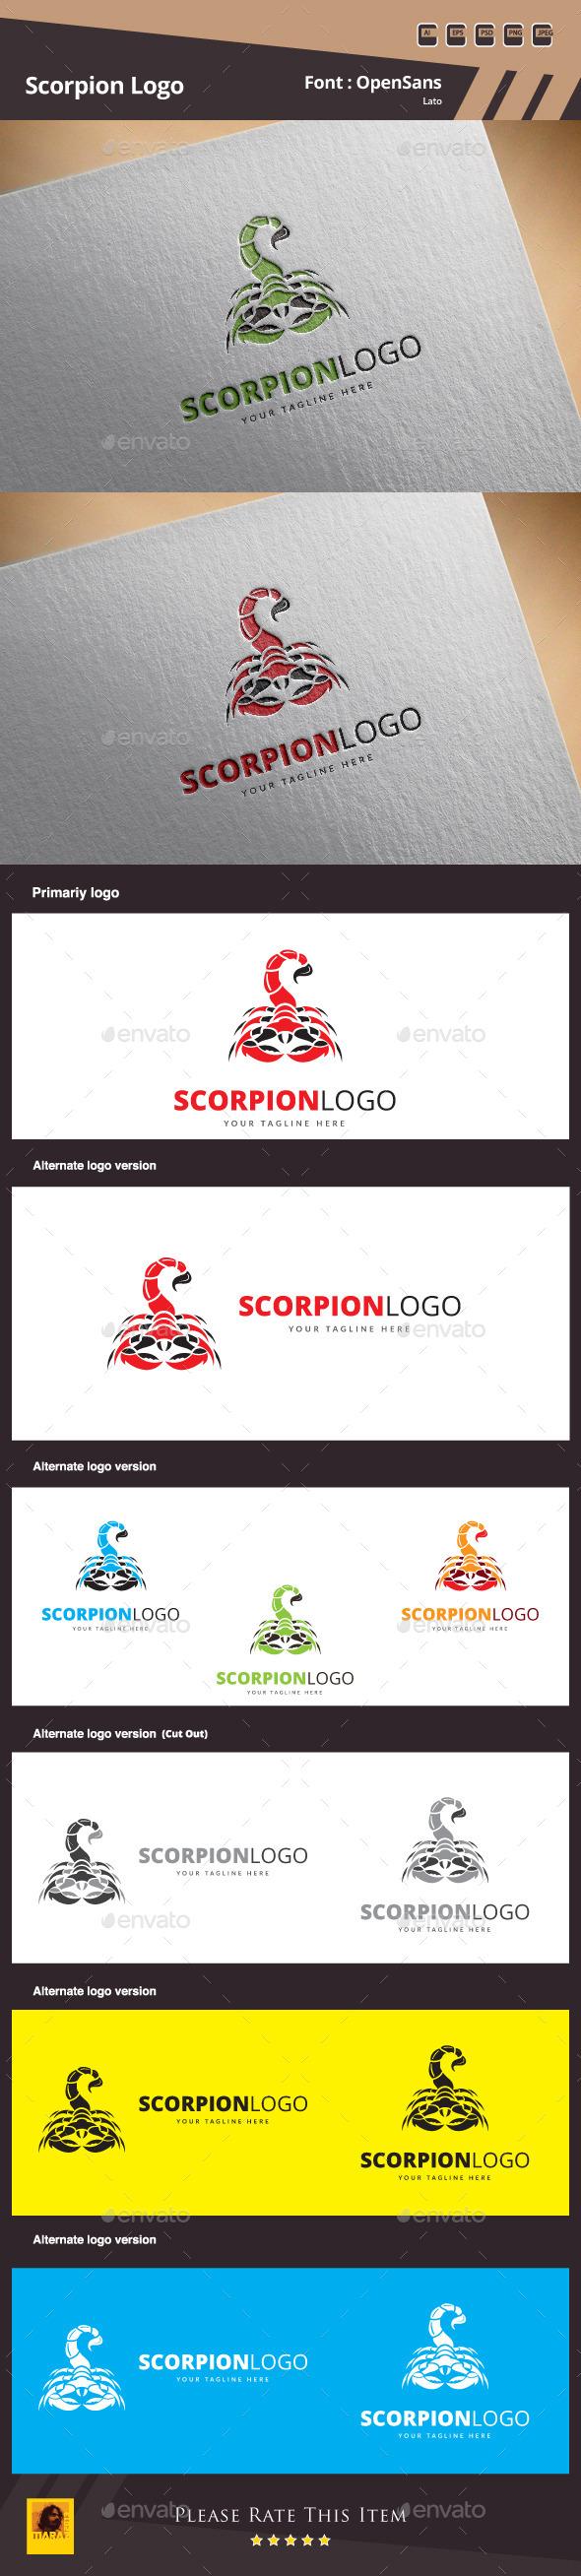 GraphicRiver Scorpion Logo Template 11925787